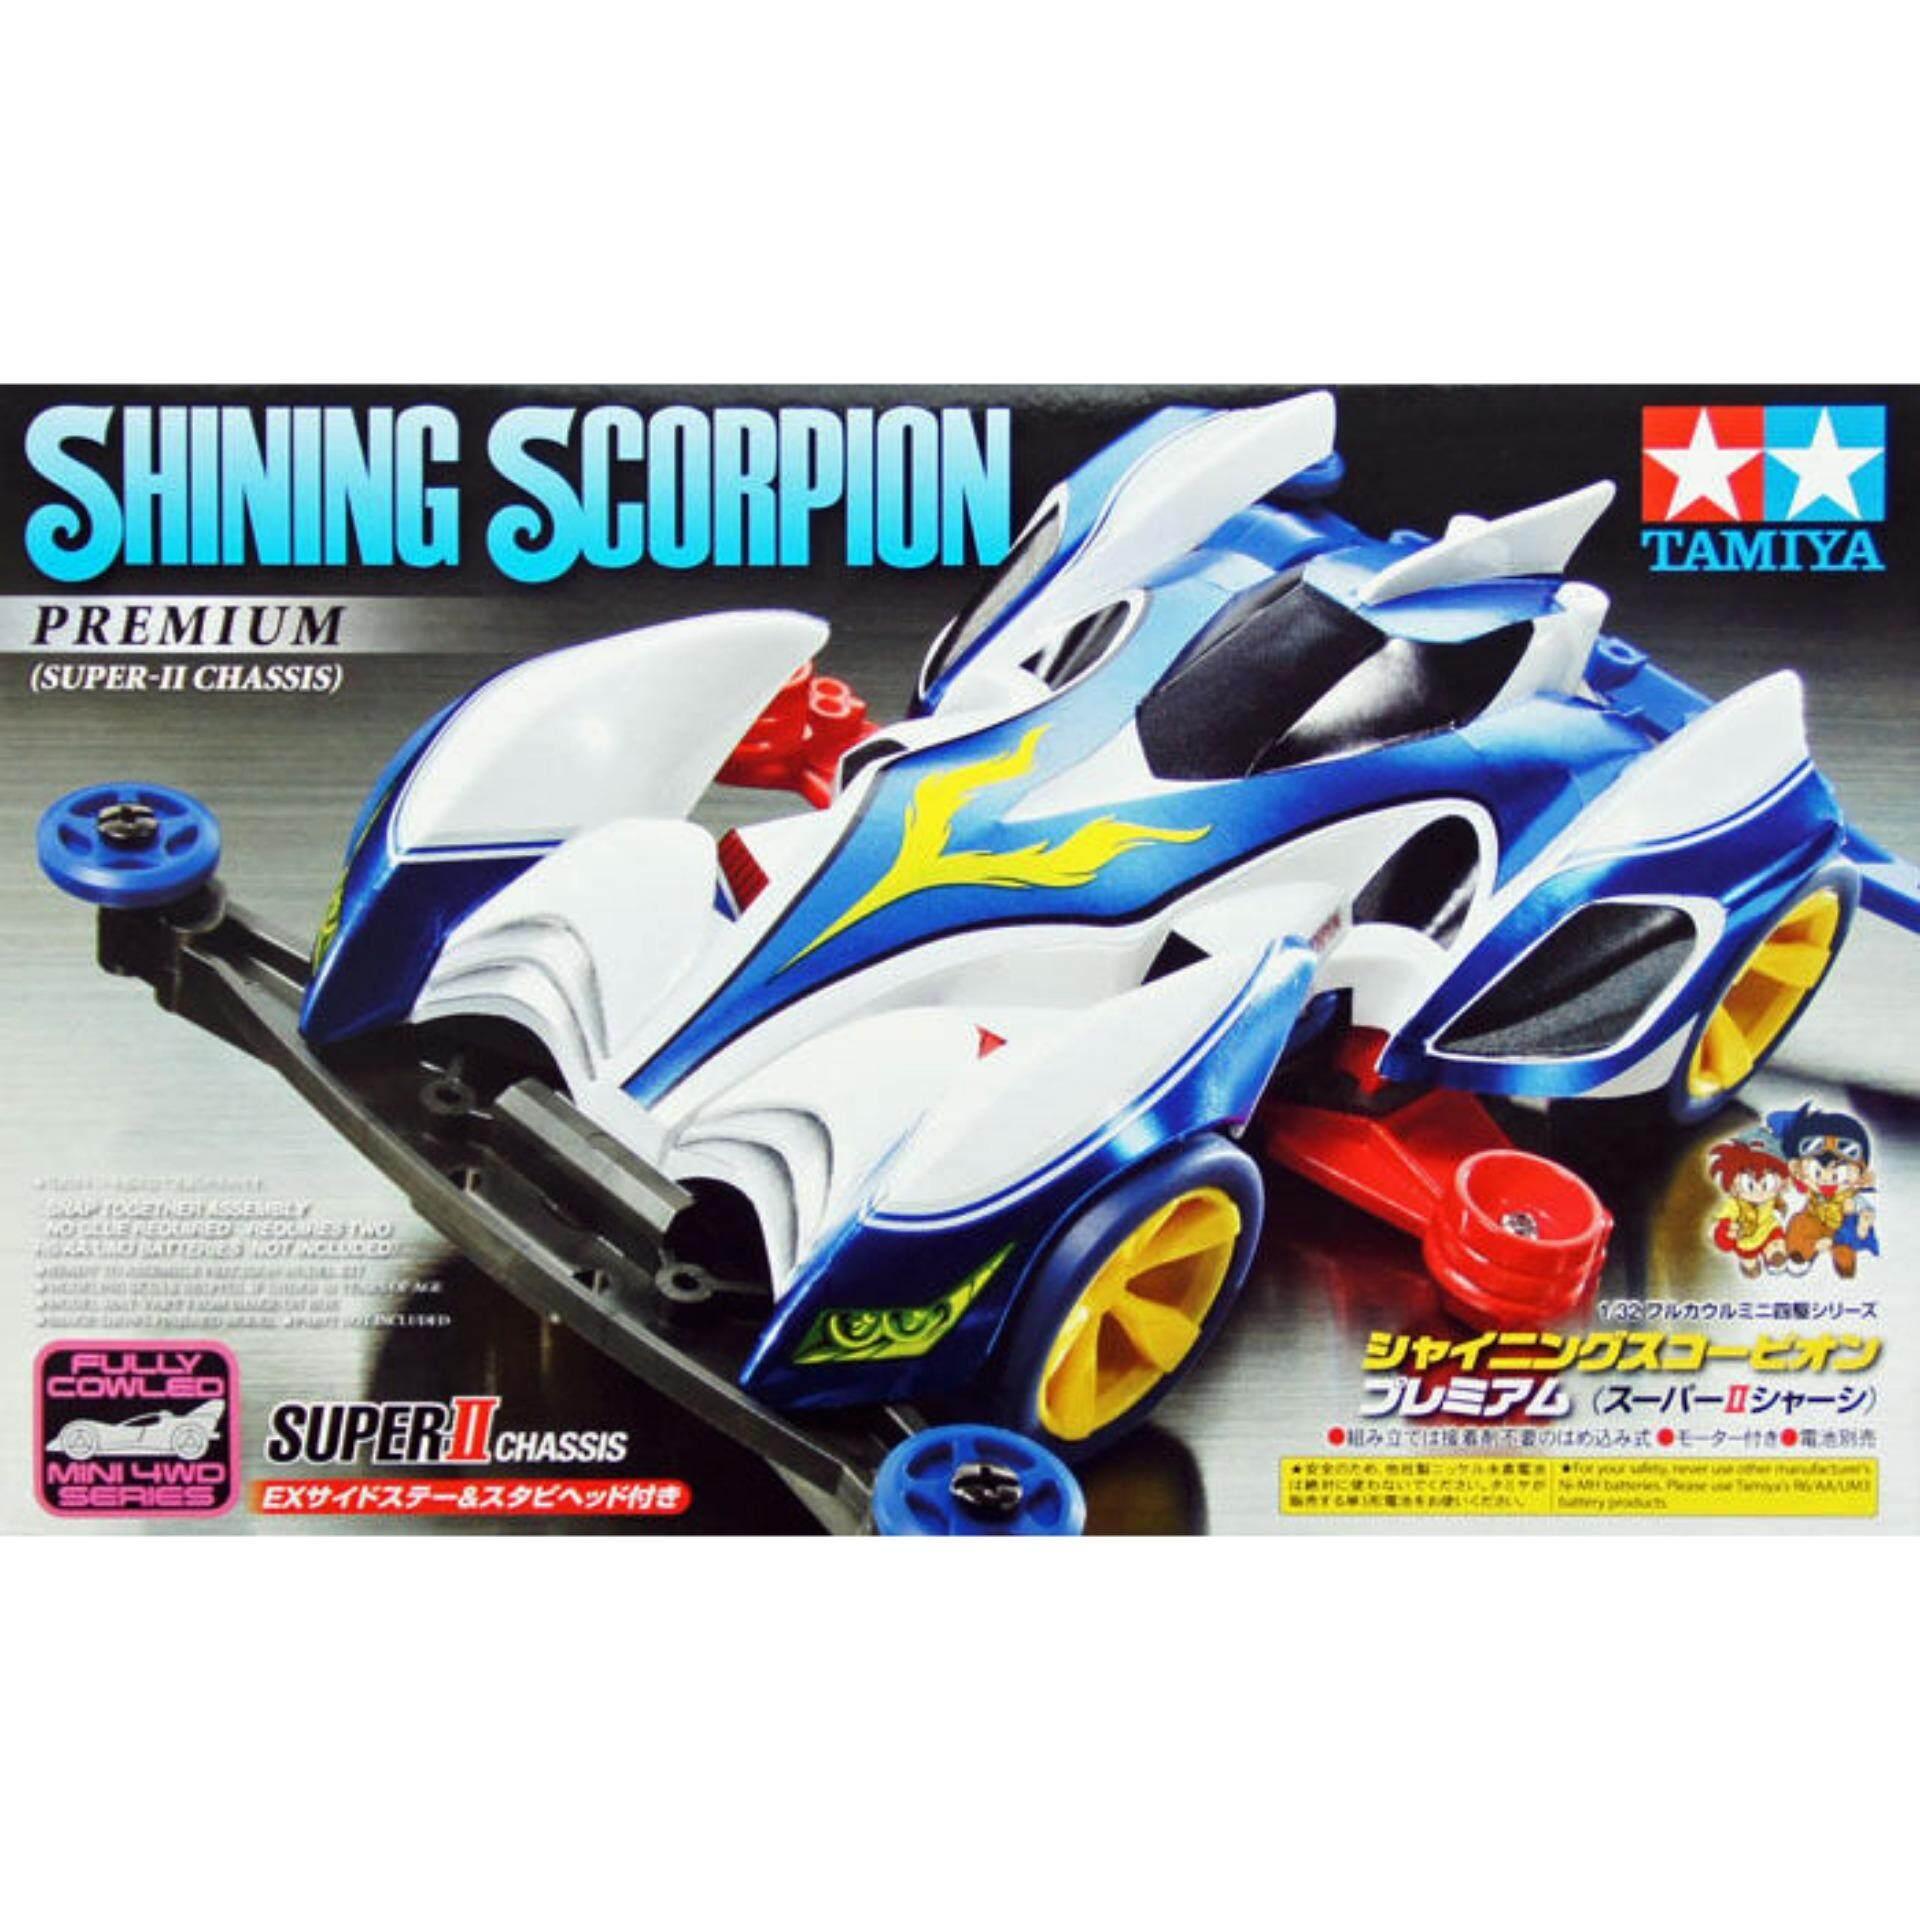 1/32 TAMIYA Shining Scorpion Premium (Super-II Chassis)